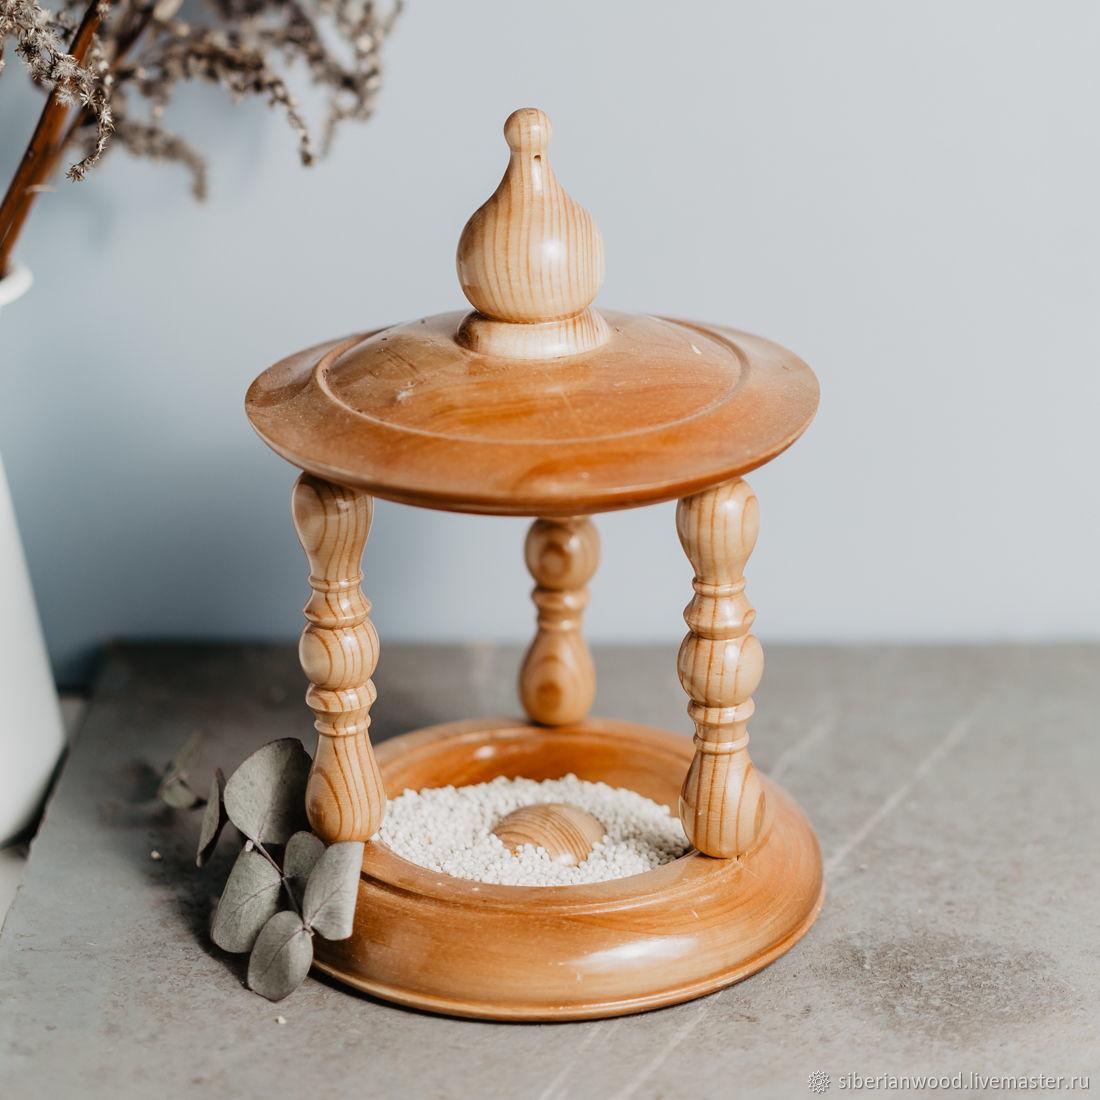 Персональные подарки ручной работы. Ярмарка Мастеров - ручная работа. Купить Кормушка для птиц из натурального дерева (кедр+береза) #F1. Handmade.